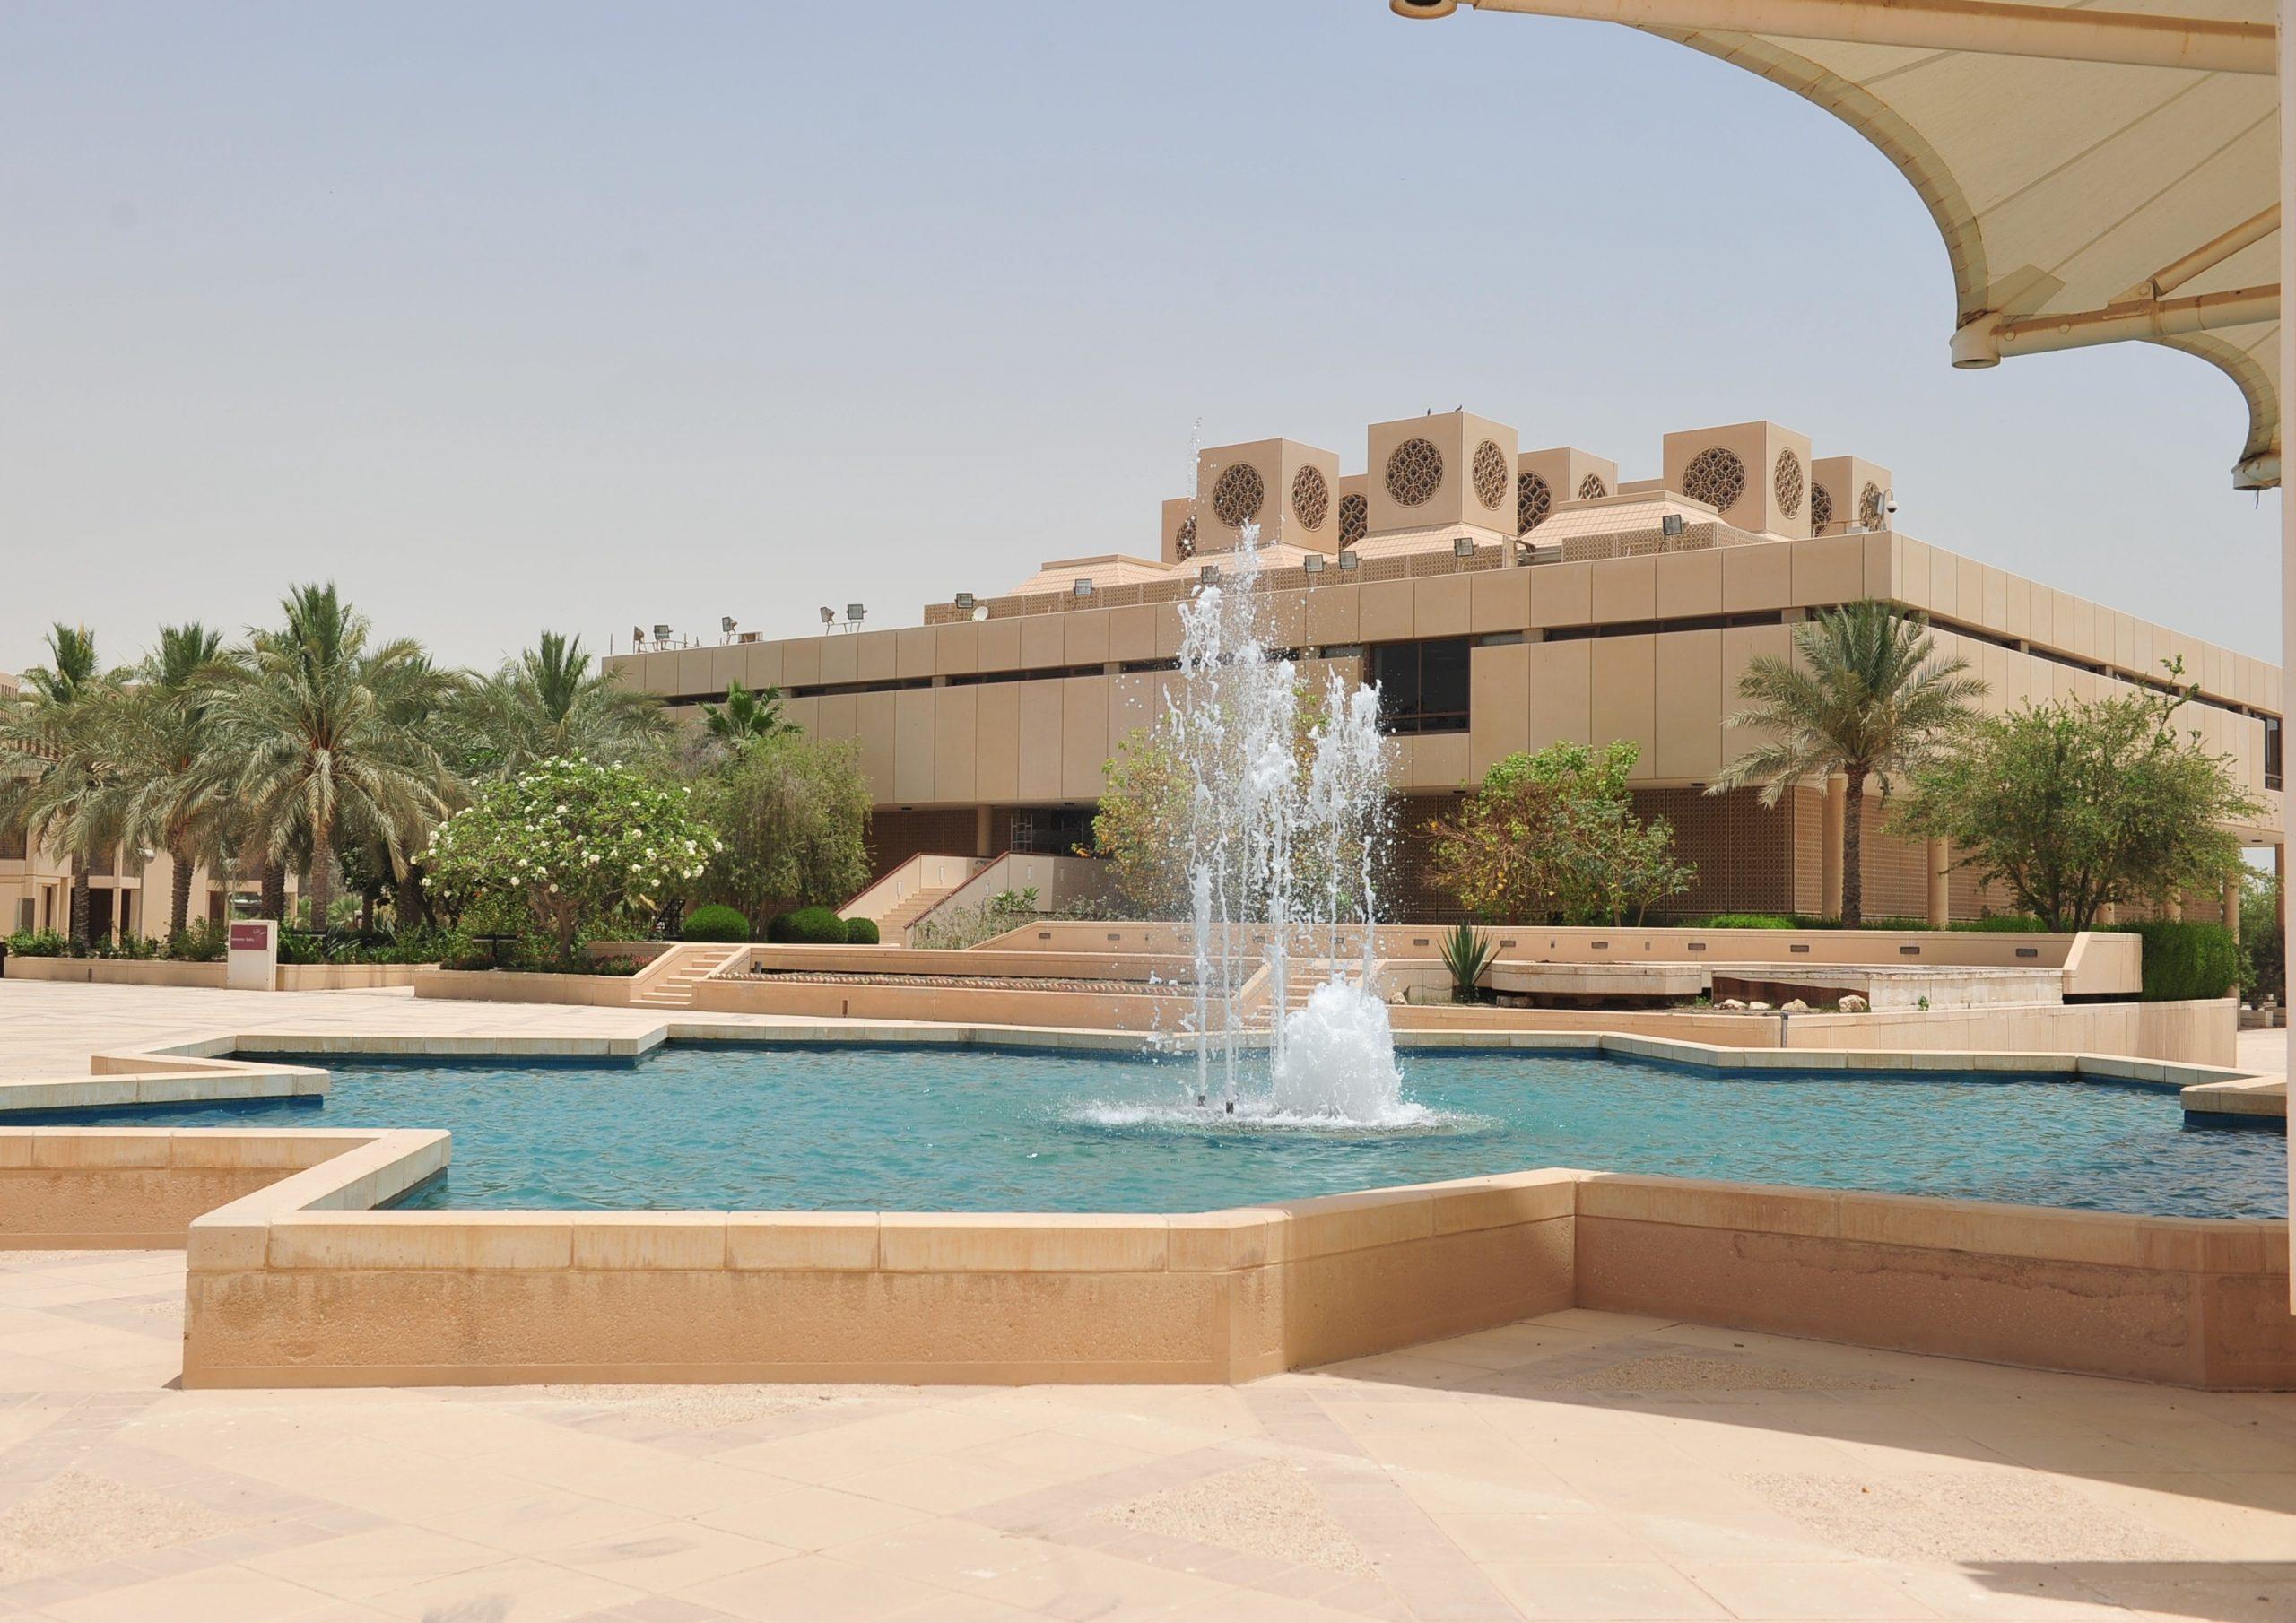 Qatar University Library to Organize Virtual Book Fair